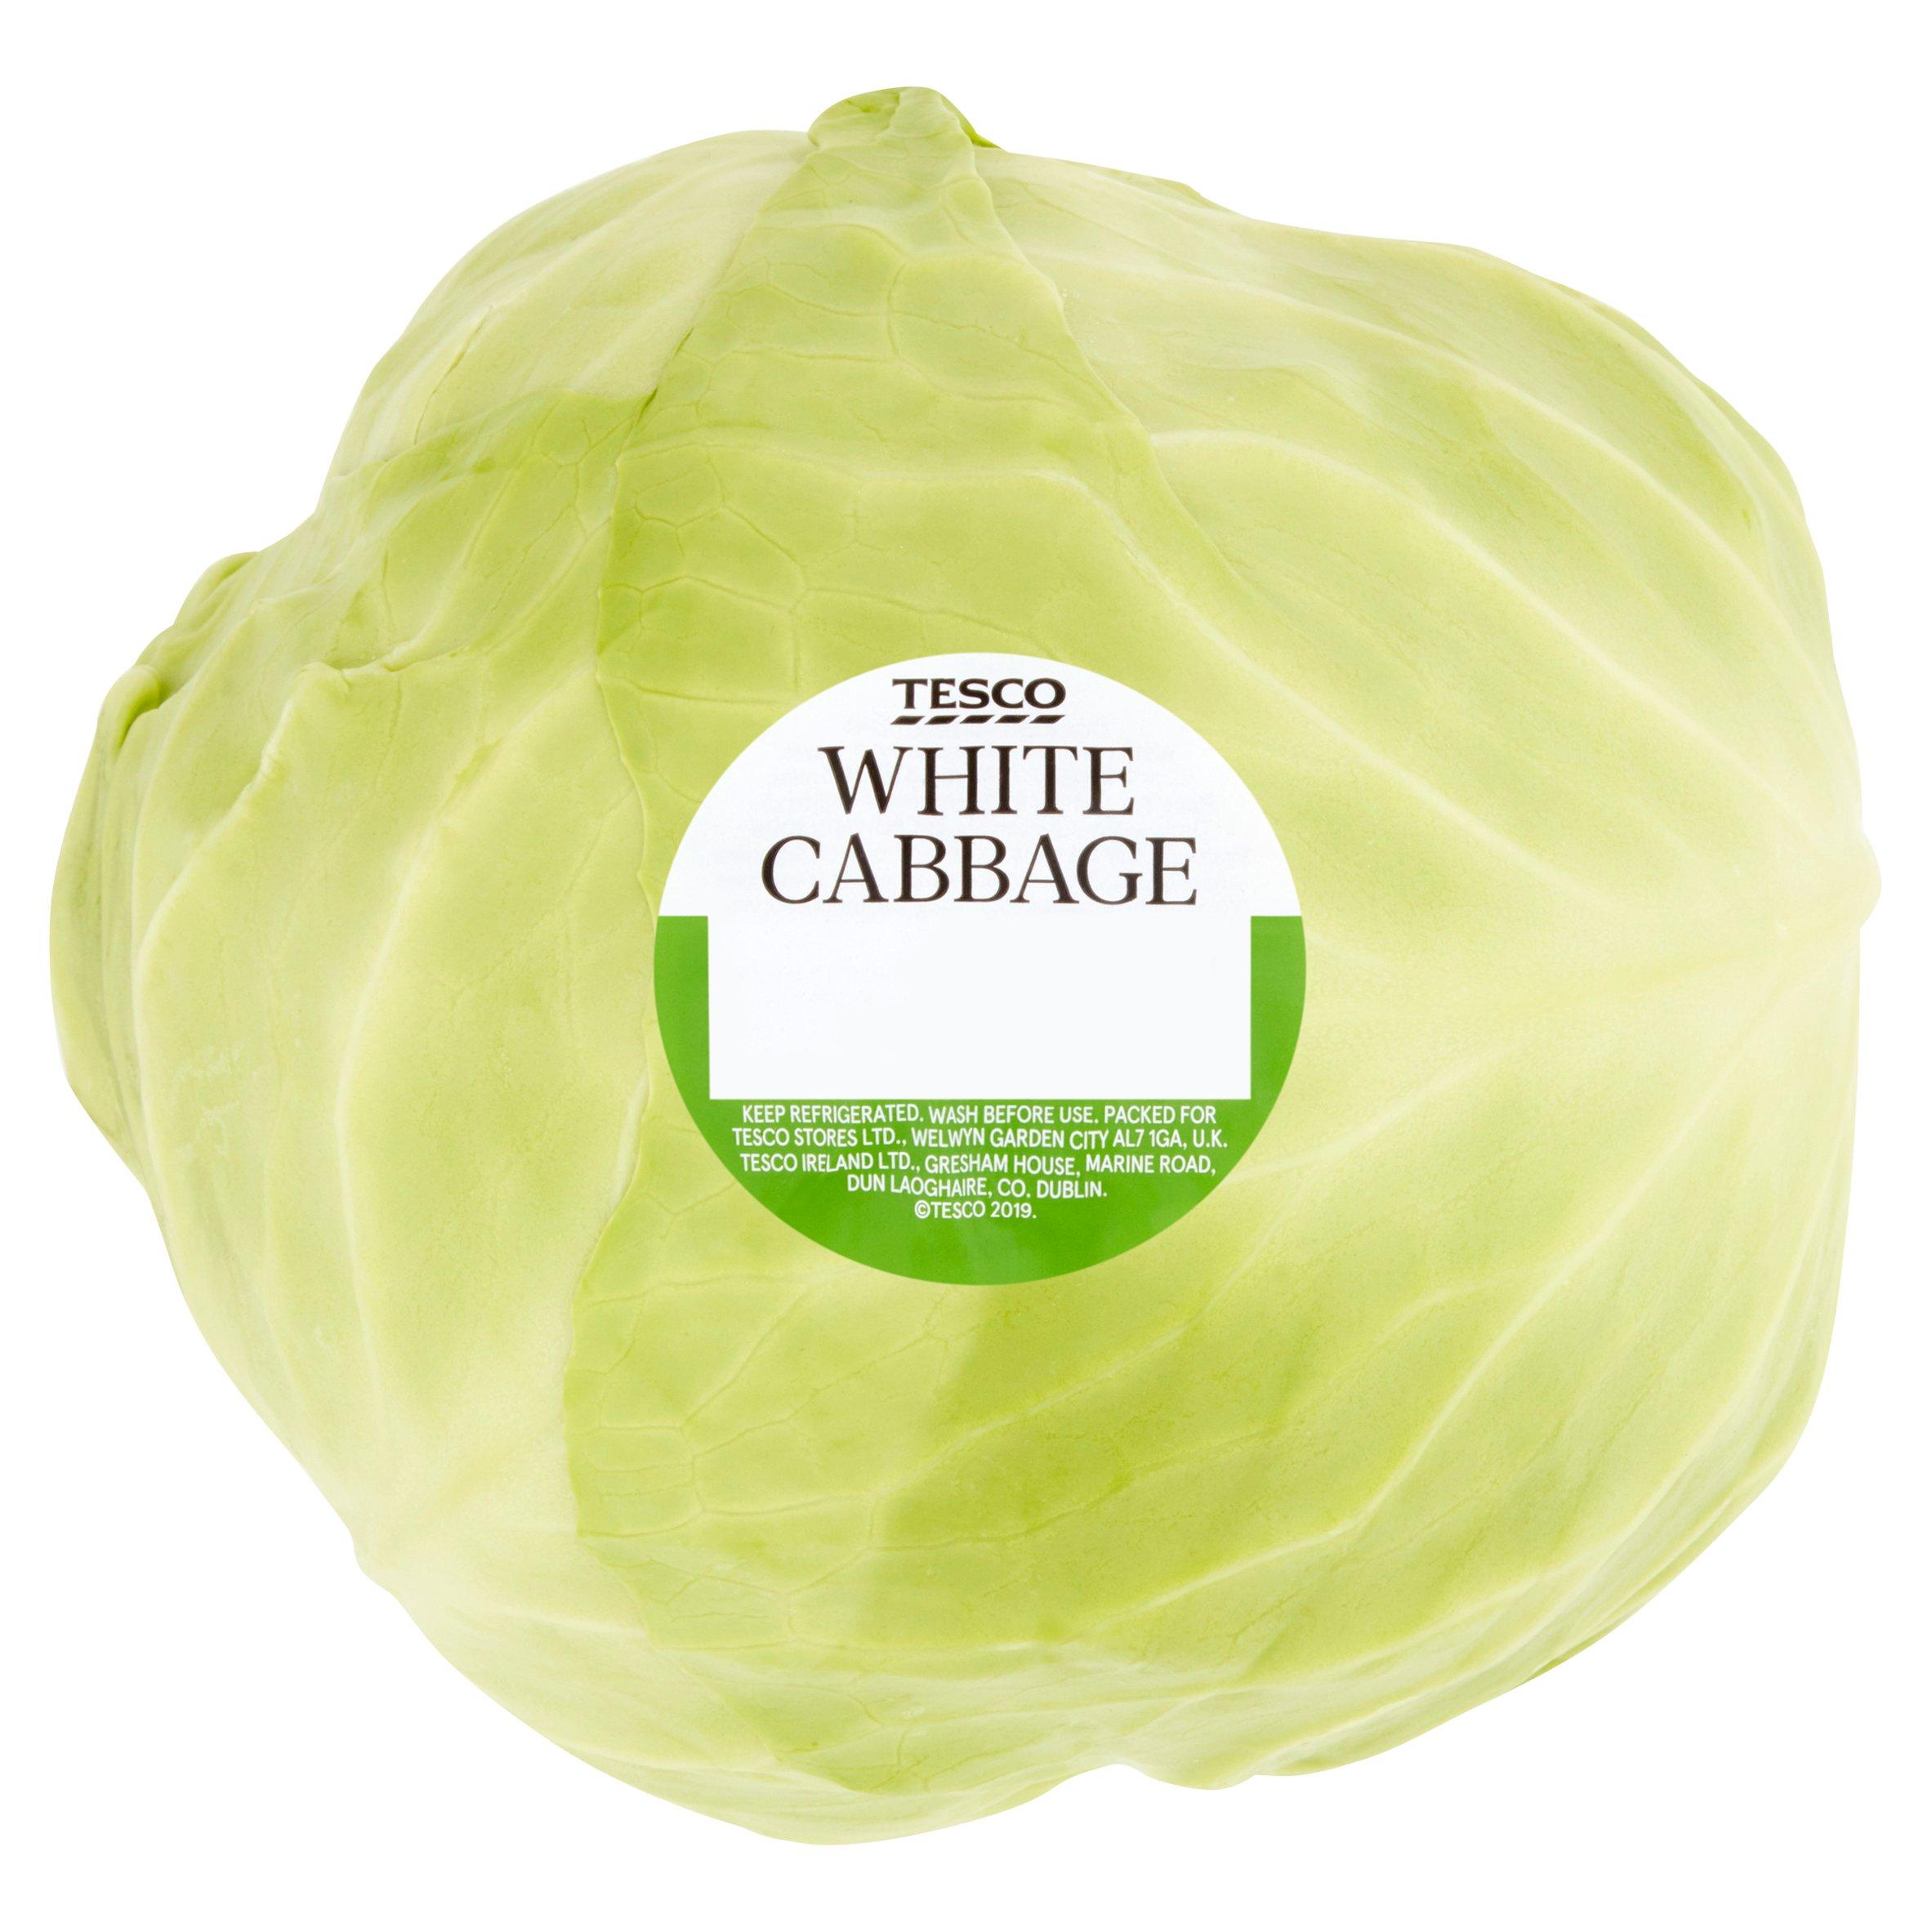 Tesco White Cabbage